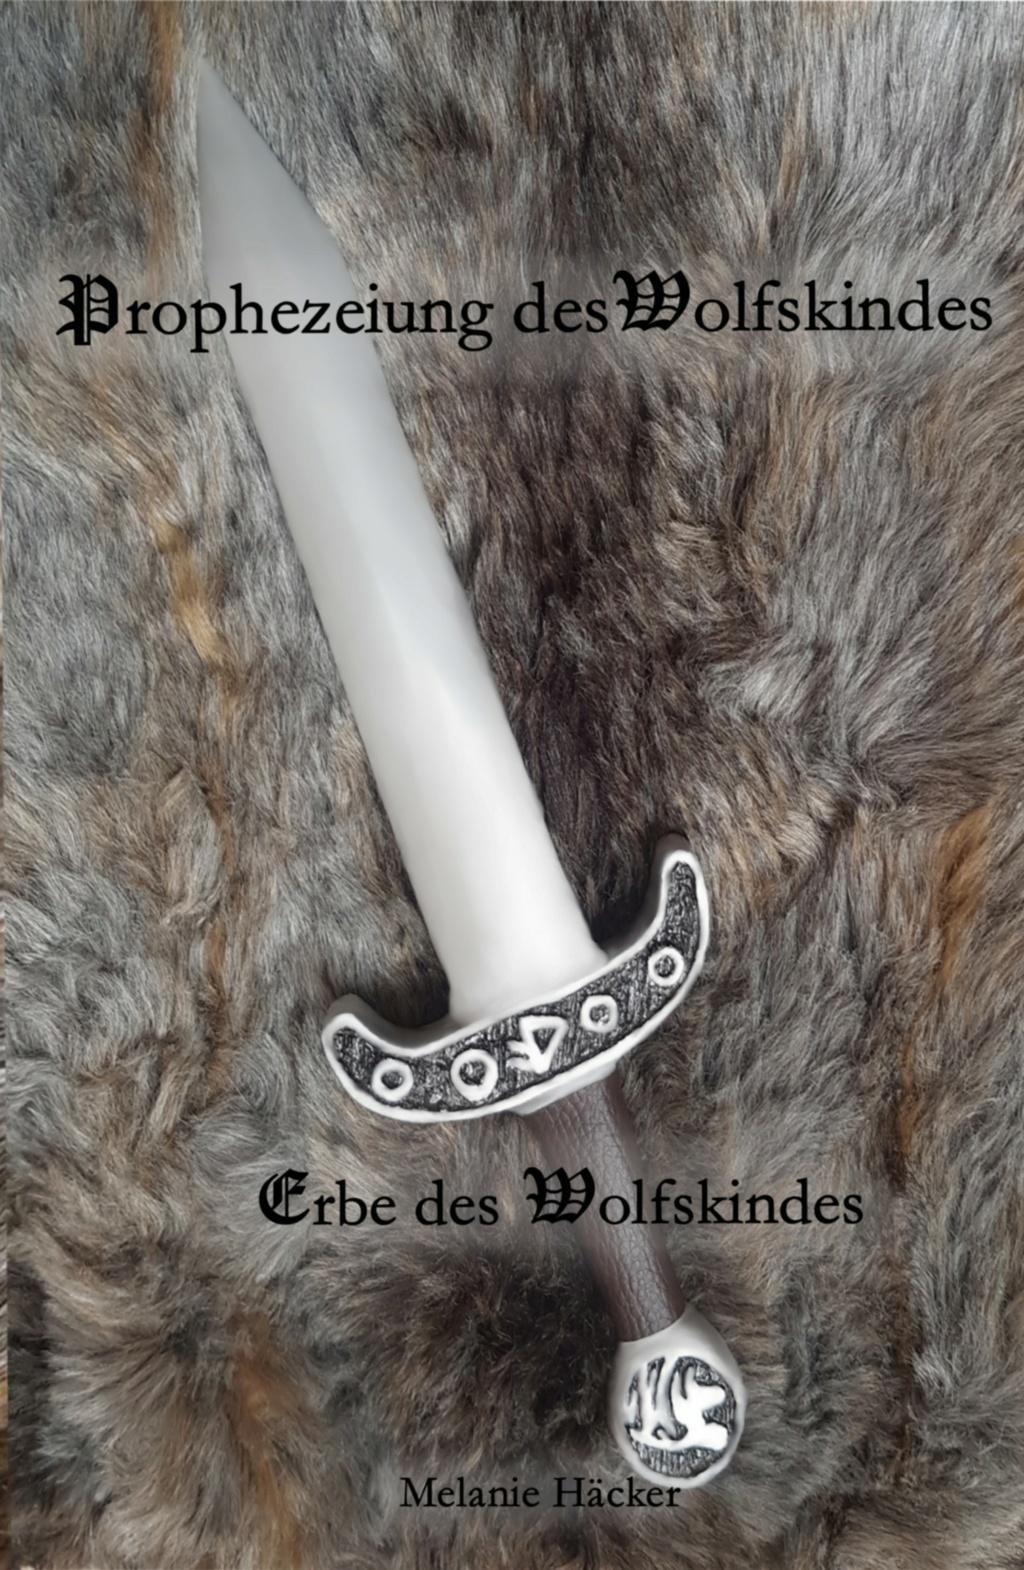 Prophezeiung des Wolfskindes - Erbe des Wolfskindes, Melanie Häcker Tachen10